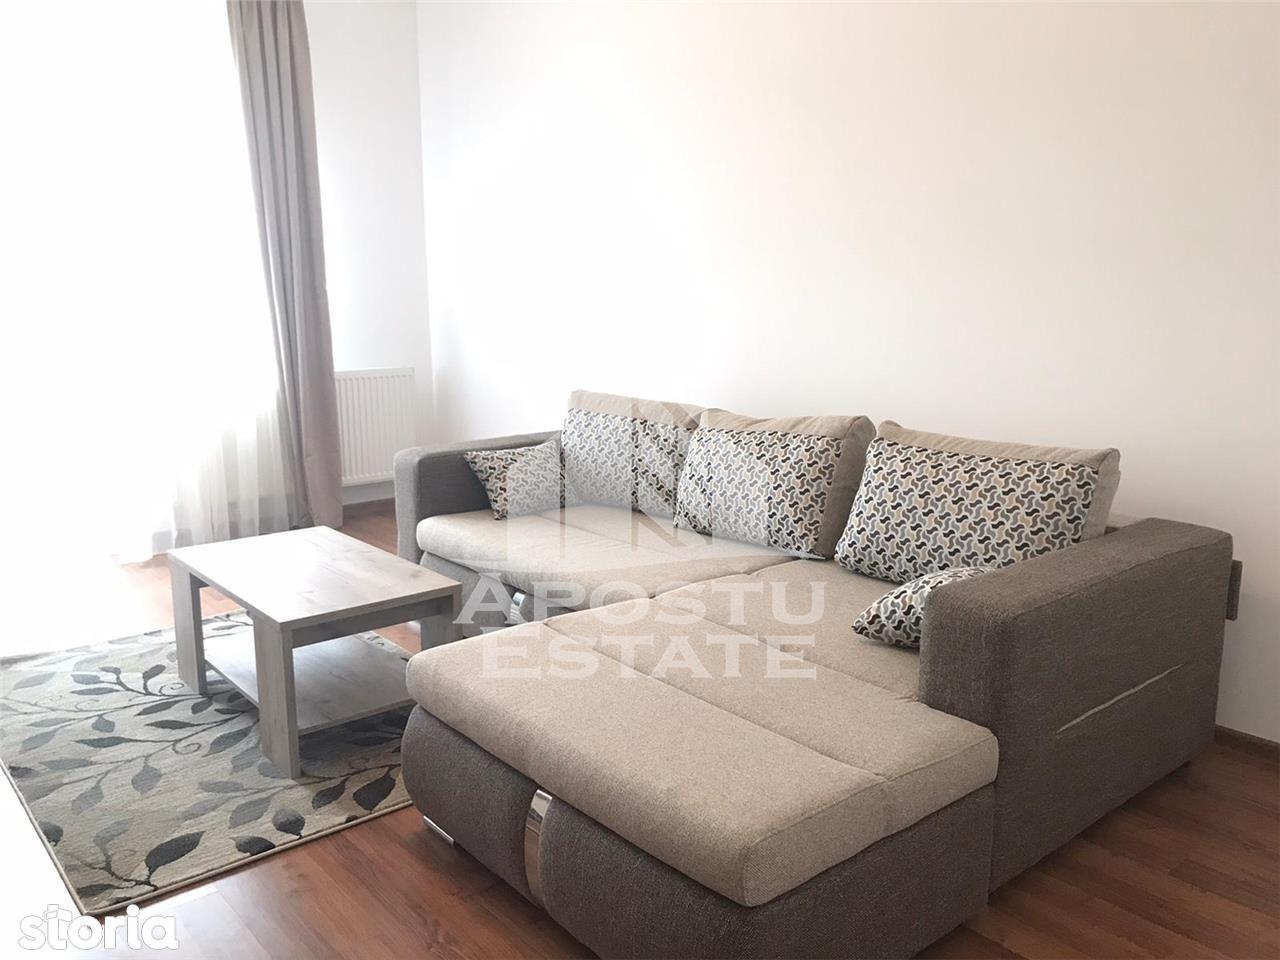 Apartament modern cu 2 camere decomandat, Giroc